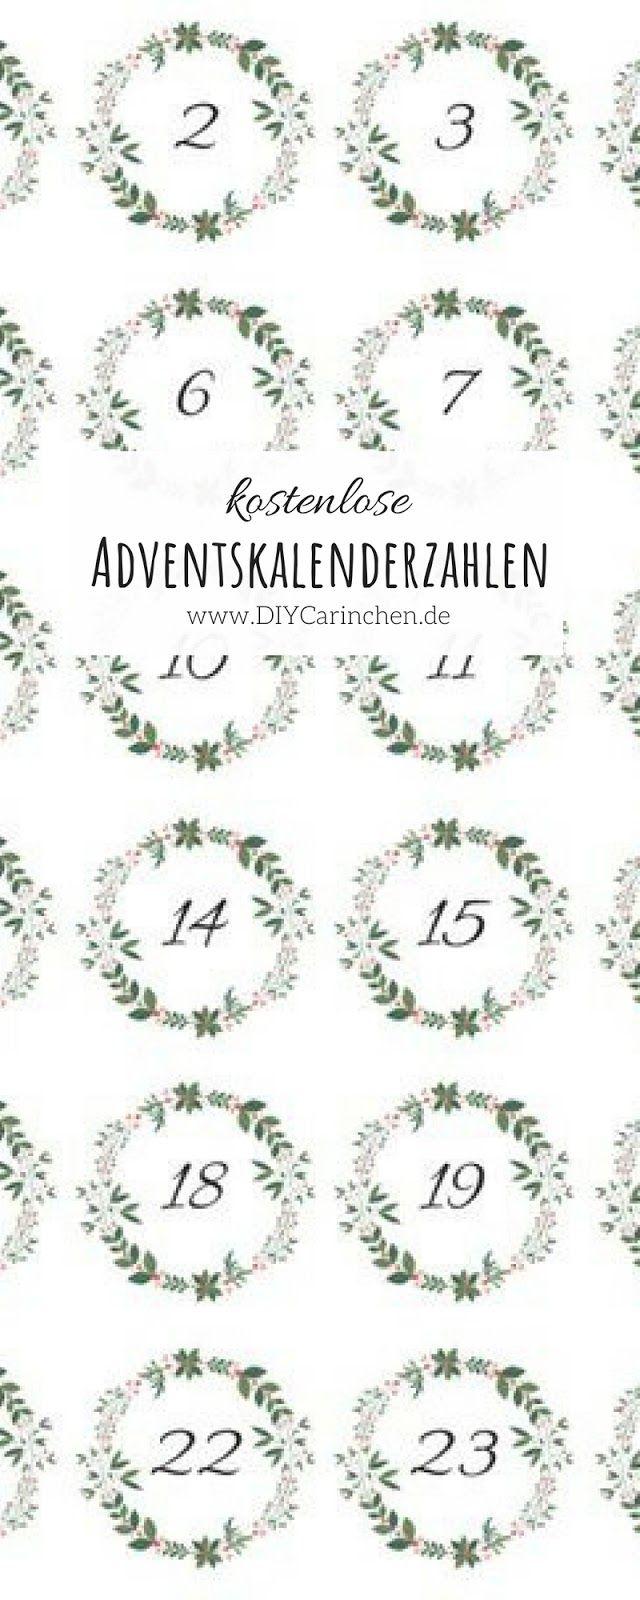 Kostenlose Weihnachtsgeschenke.Diy Kostenlose Adventskalender Zahlen Als Pdf Zum Ausdrucken Mein